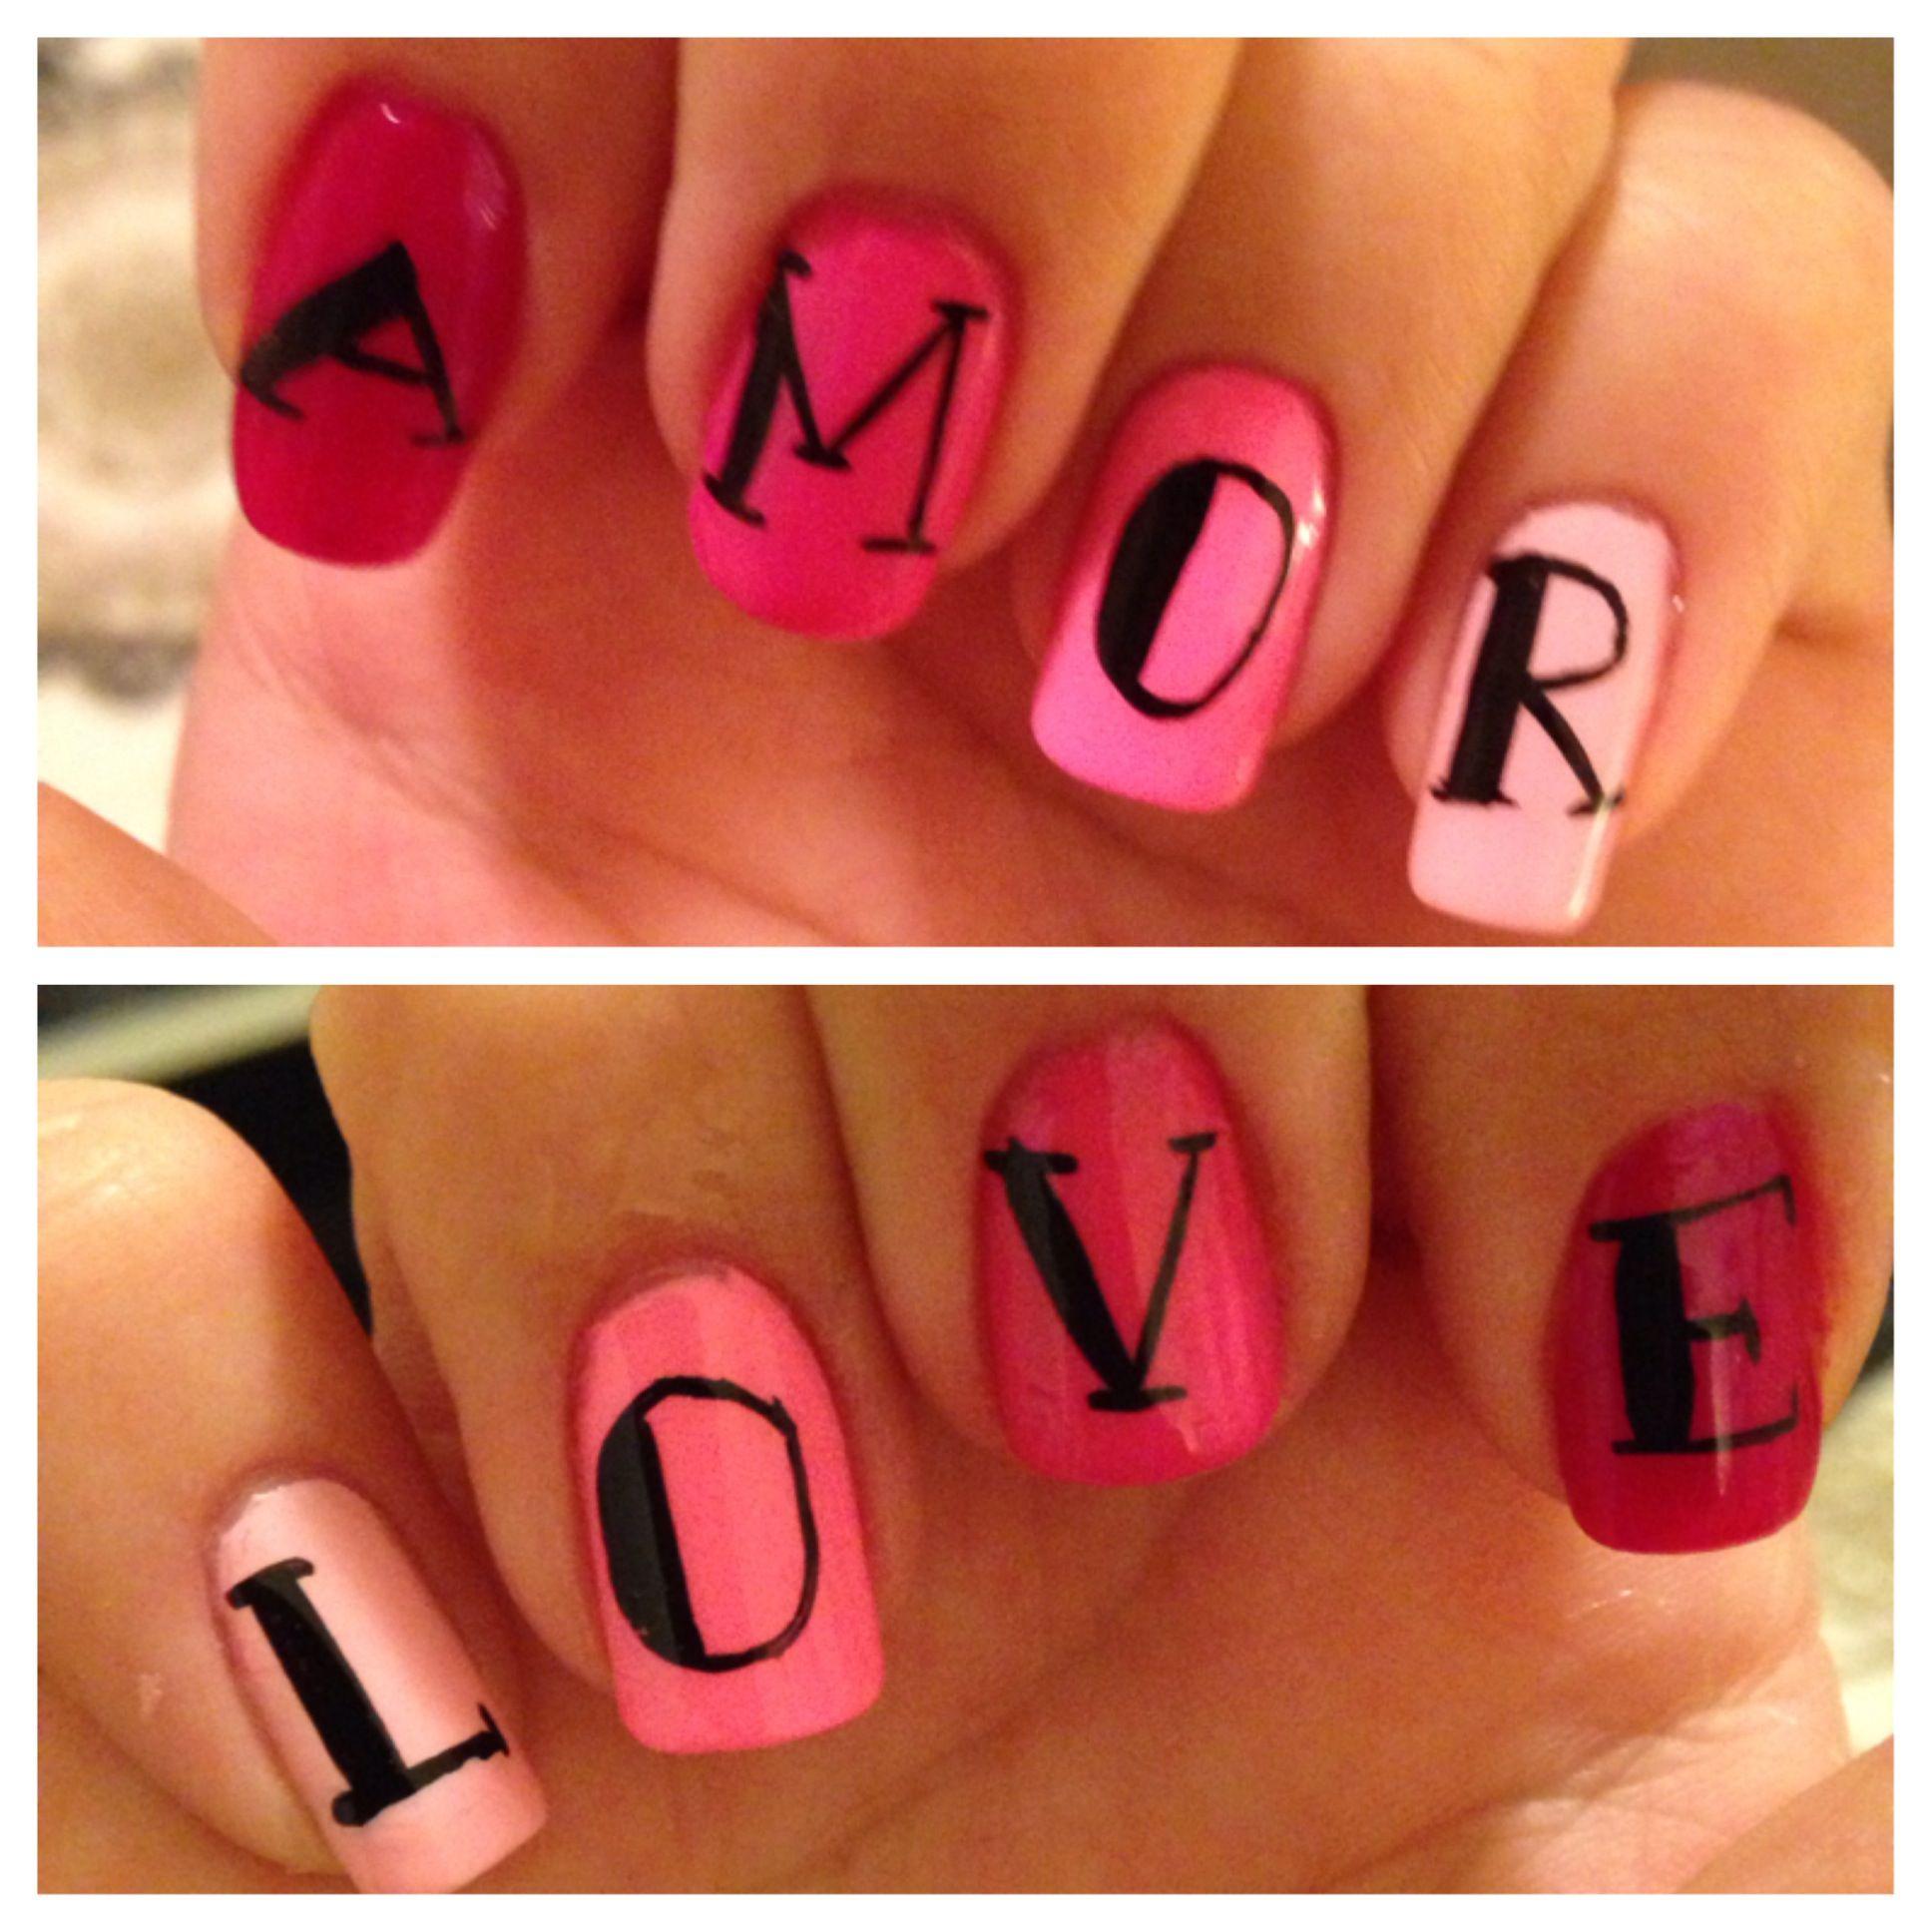 adoro as unhas e as palavras